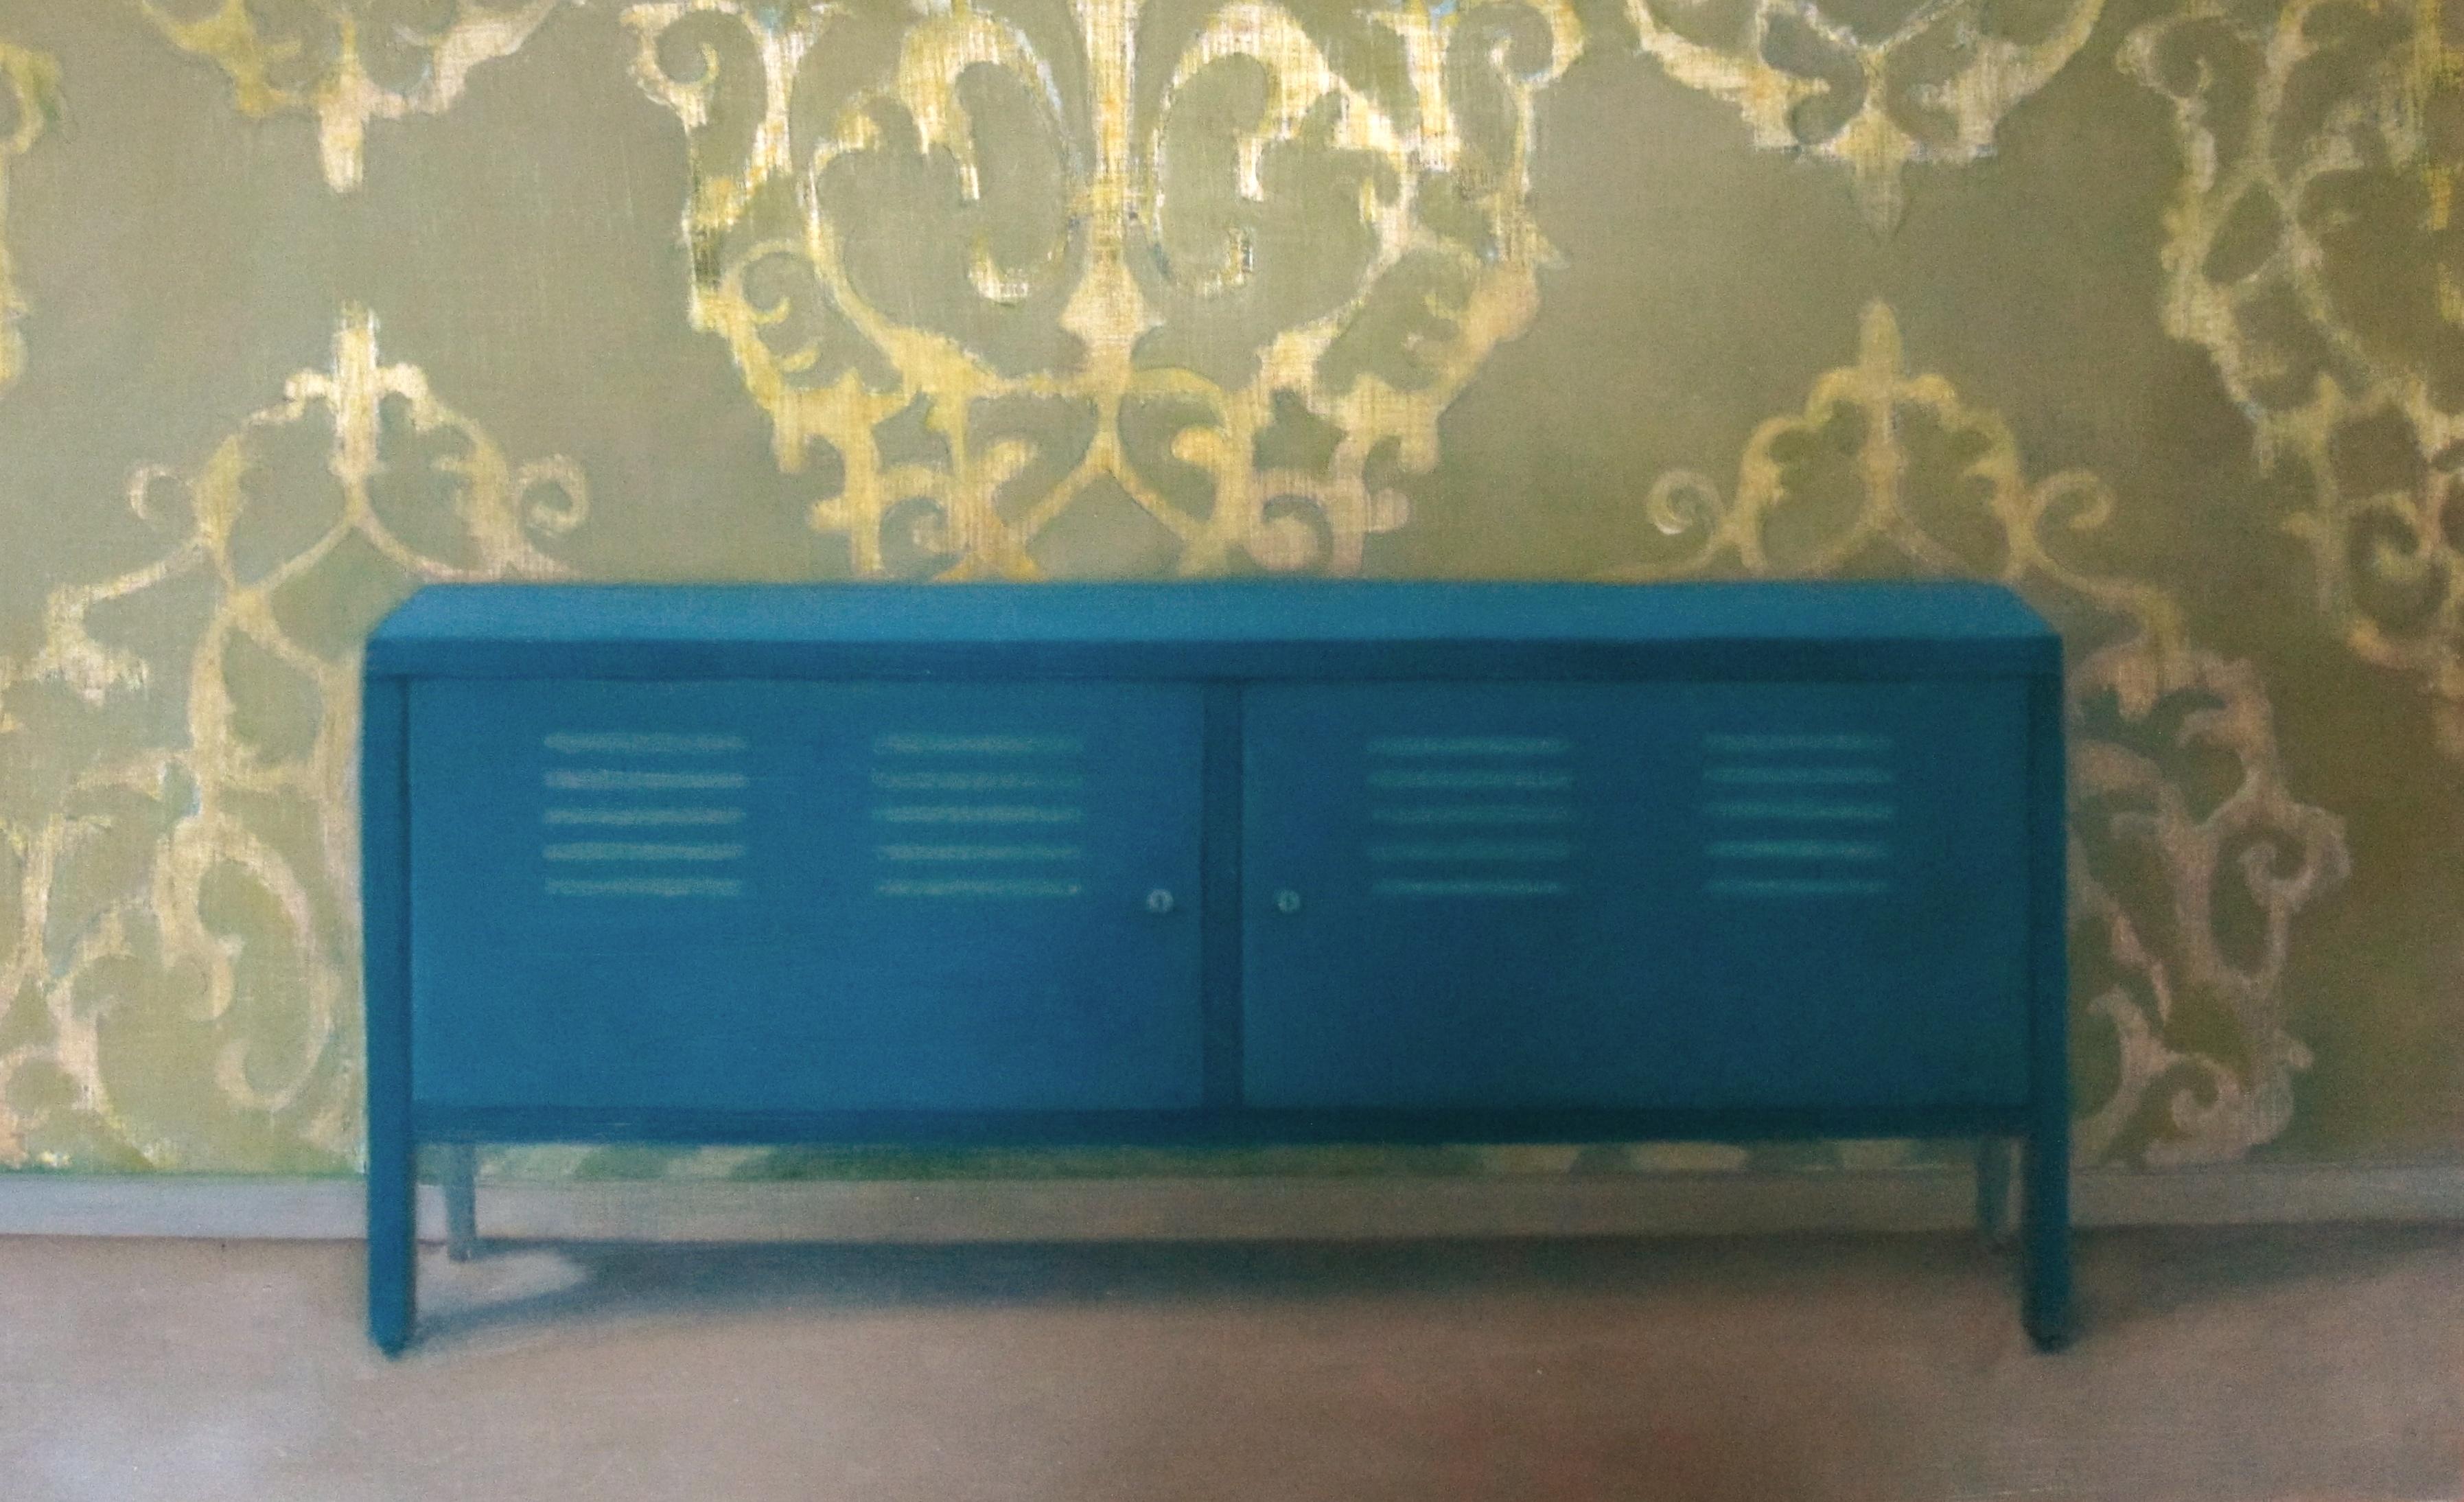 Erica Scheper - Kast Ps Blauw, olieverf op paneel, 24 x 39 cm, 2014